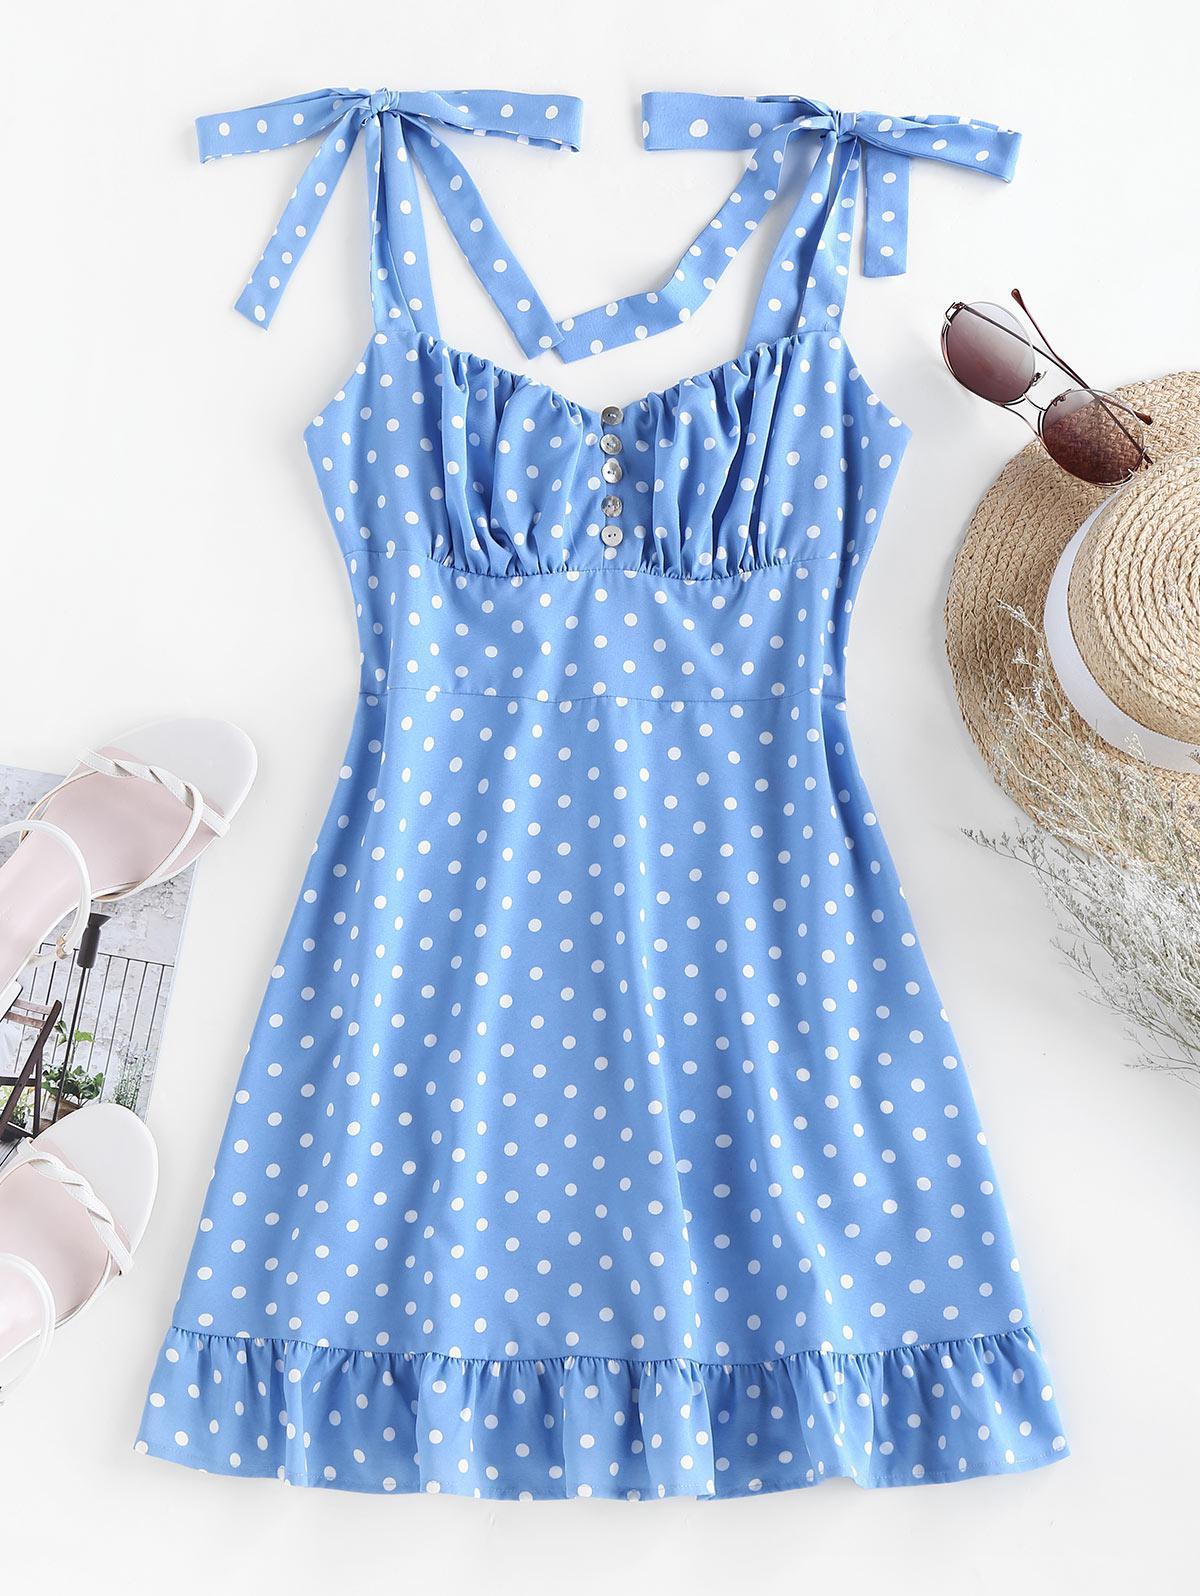 ZAFUL Polka Dot Flounce Mini Dress